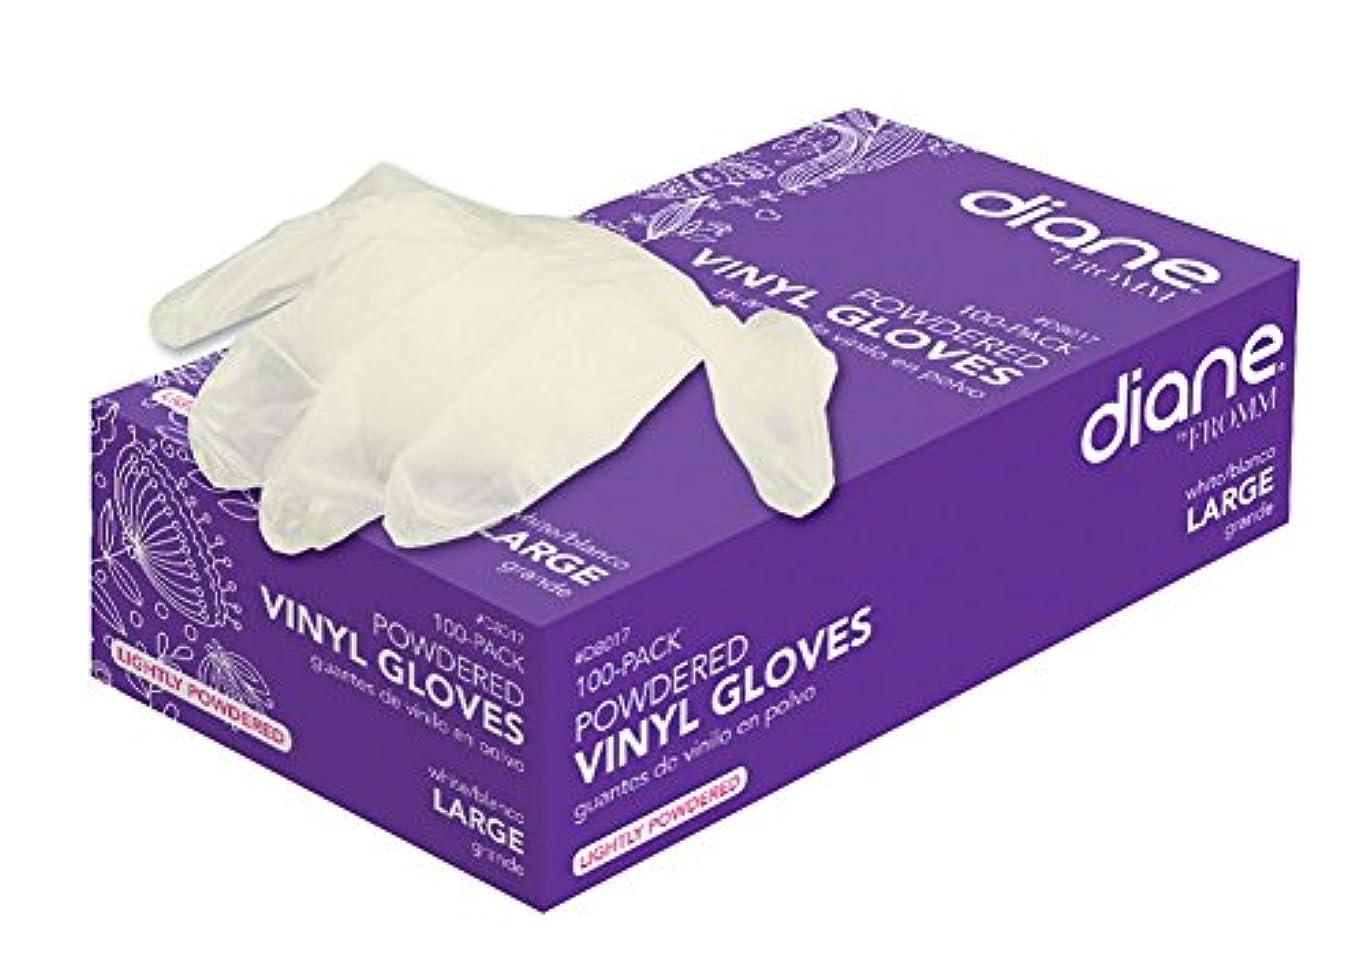 パーチナシティ手順サイドボードDiane D8015ビニール粉末手袋で - 小さい